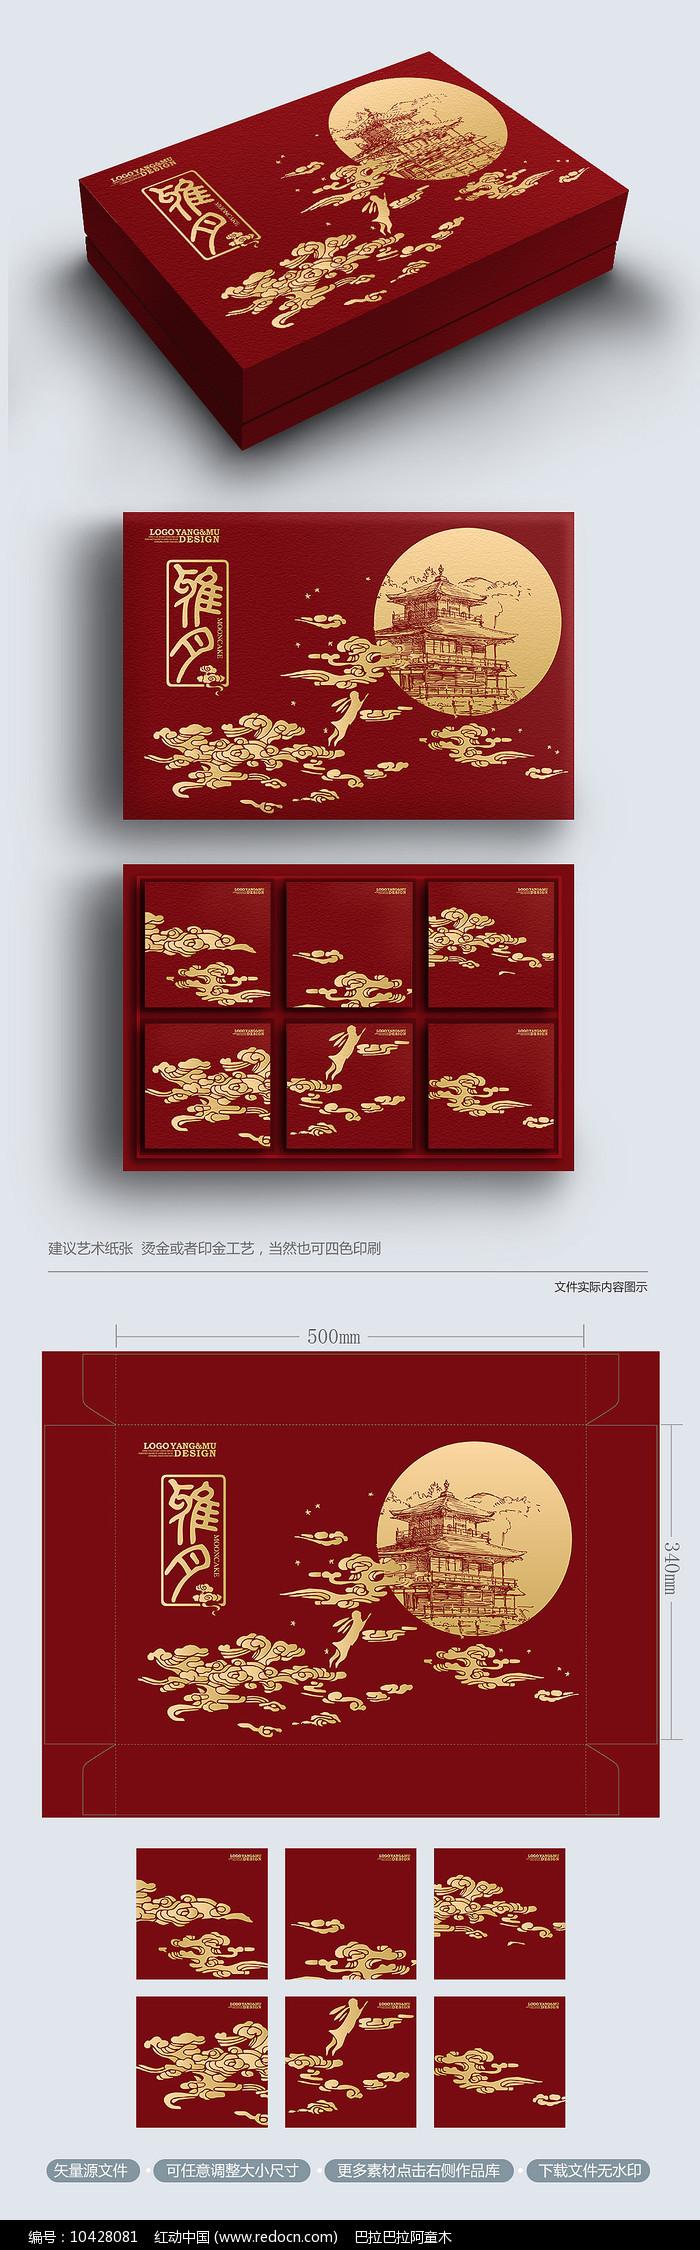 简约古典高端中秋月饼包装礼盒图片